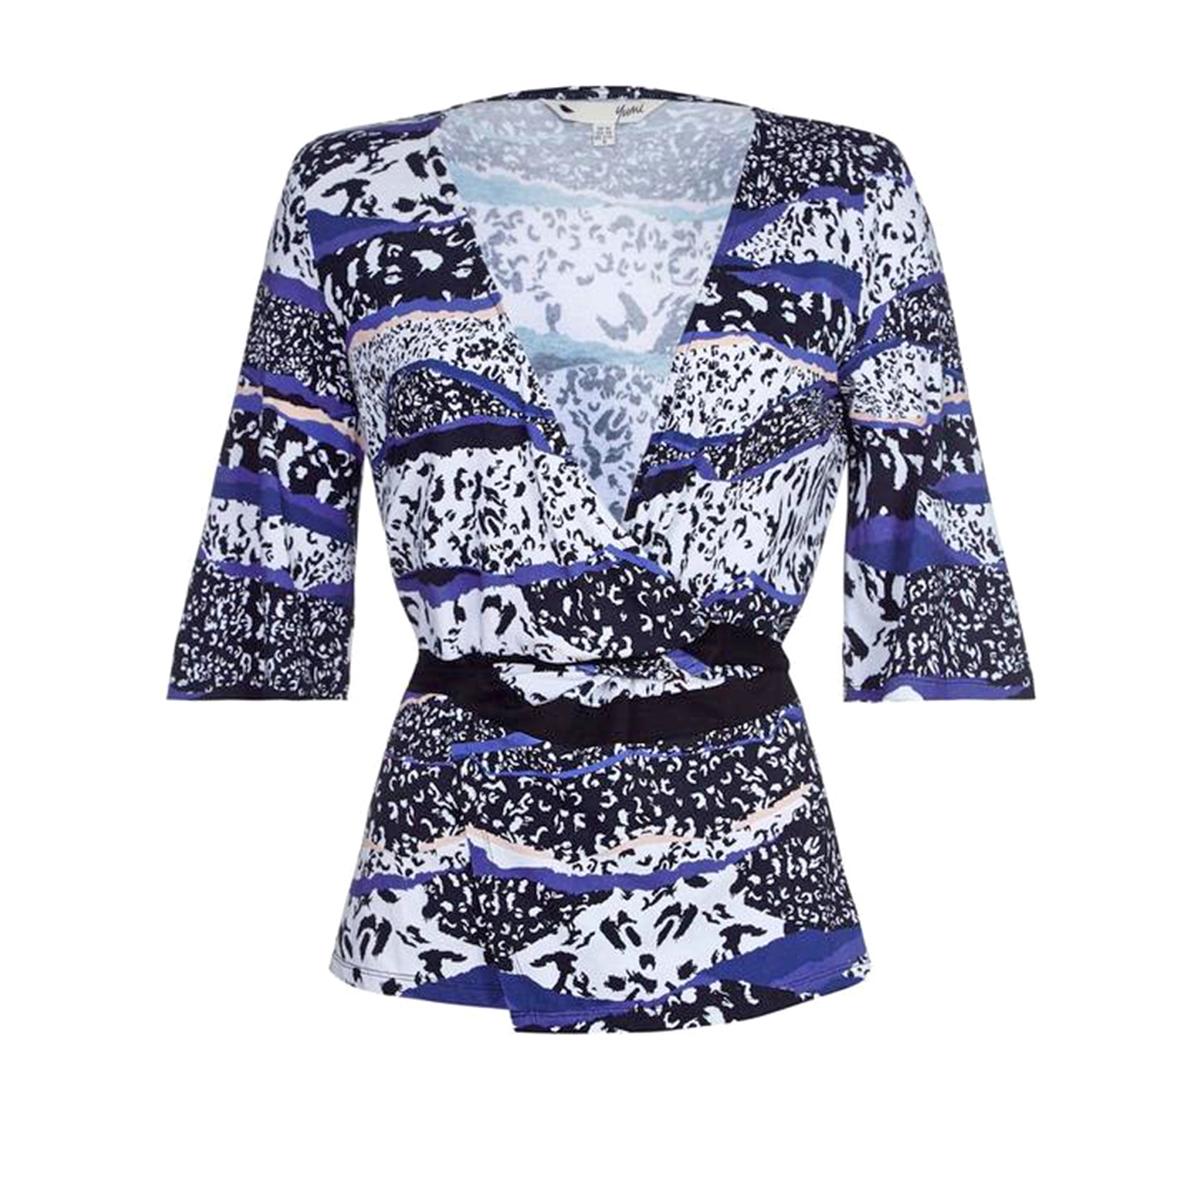 Блузка перекрестного покроя с принтом, рукава 3/4 от YUMI